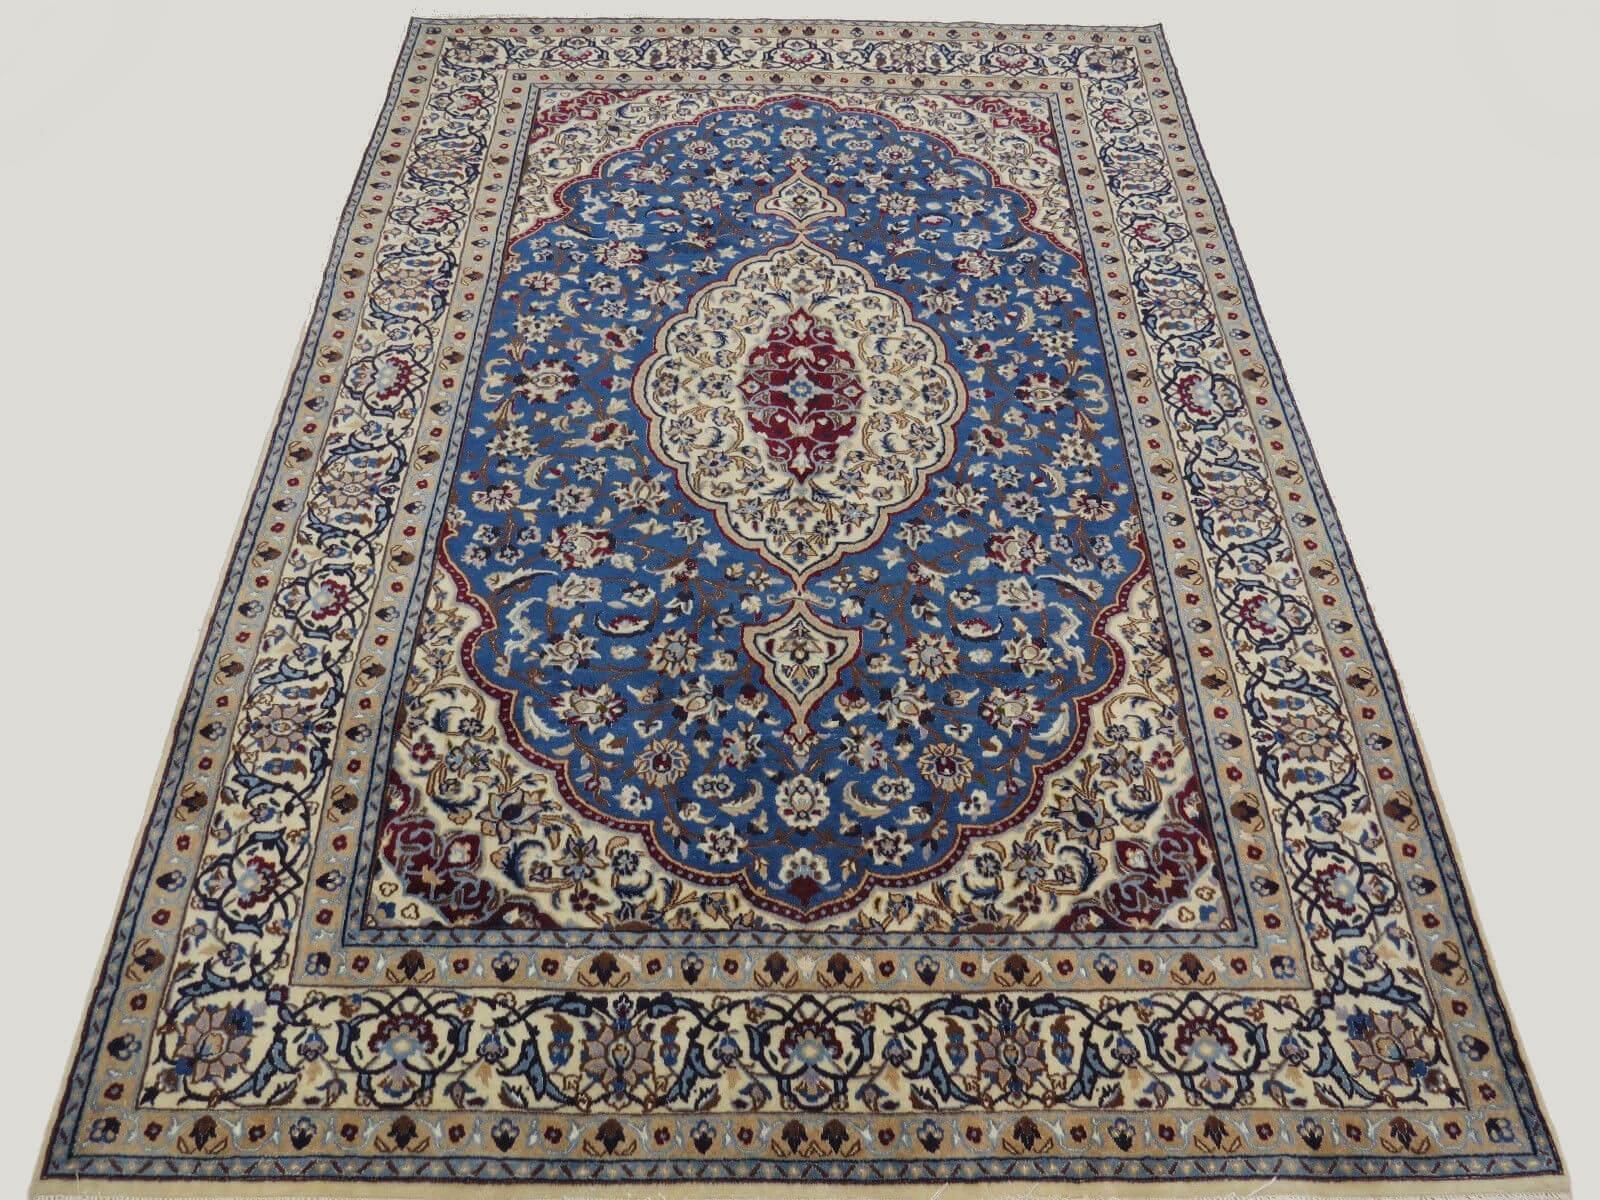 Perzisch Tapijt Tweedehands : Perzisch tapijt top kwaliteit deolijfberg.nl